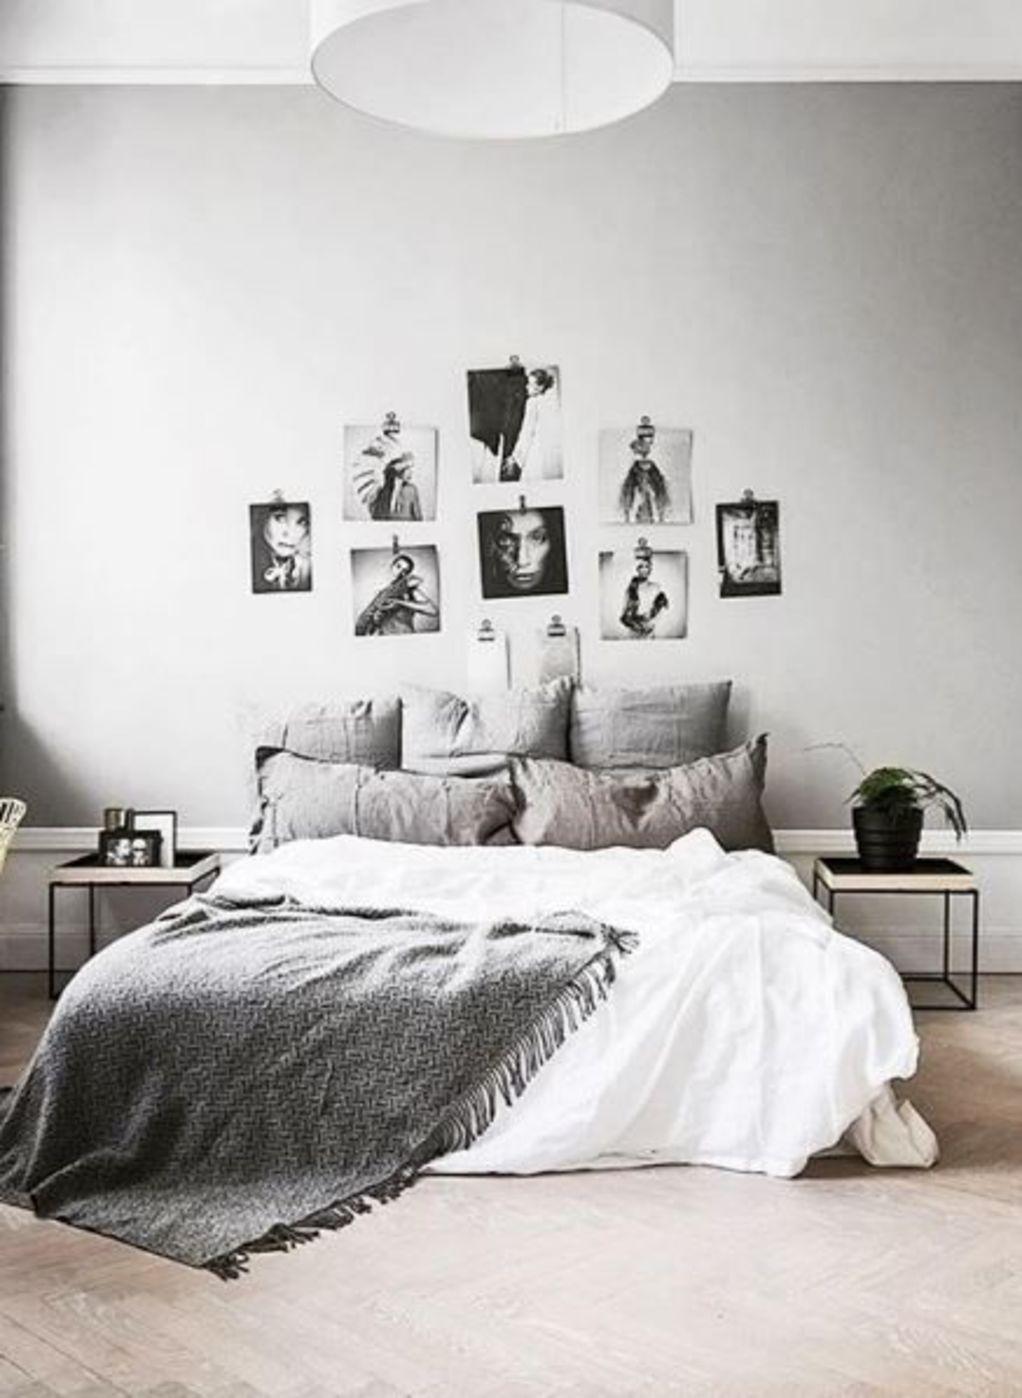 AuBergewohnlich Minimal Interior Design Inspiration #47 | UltraLinx